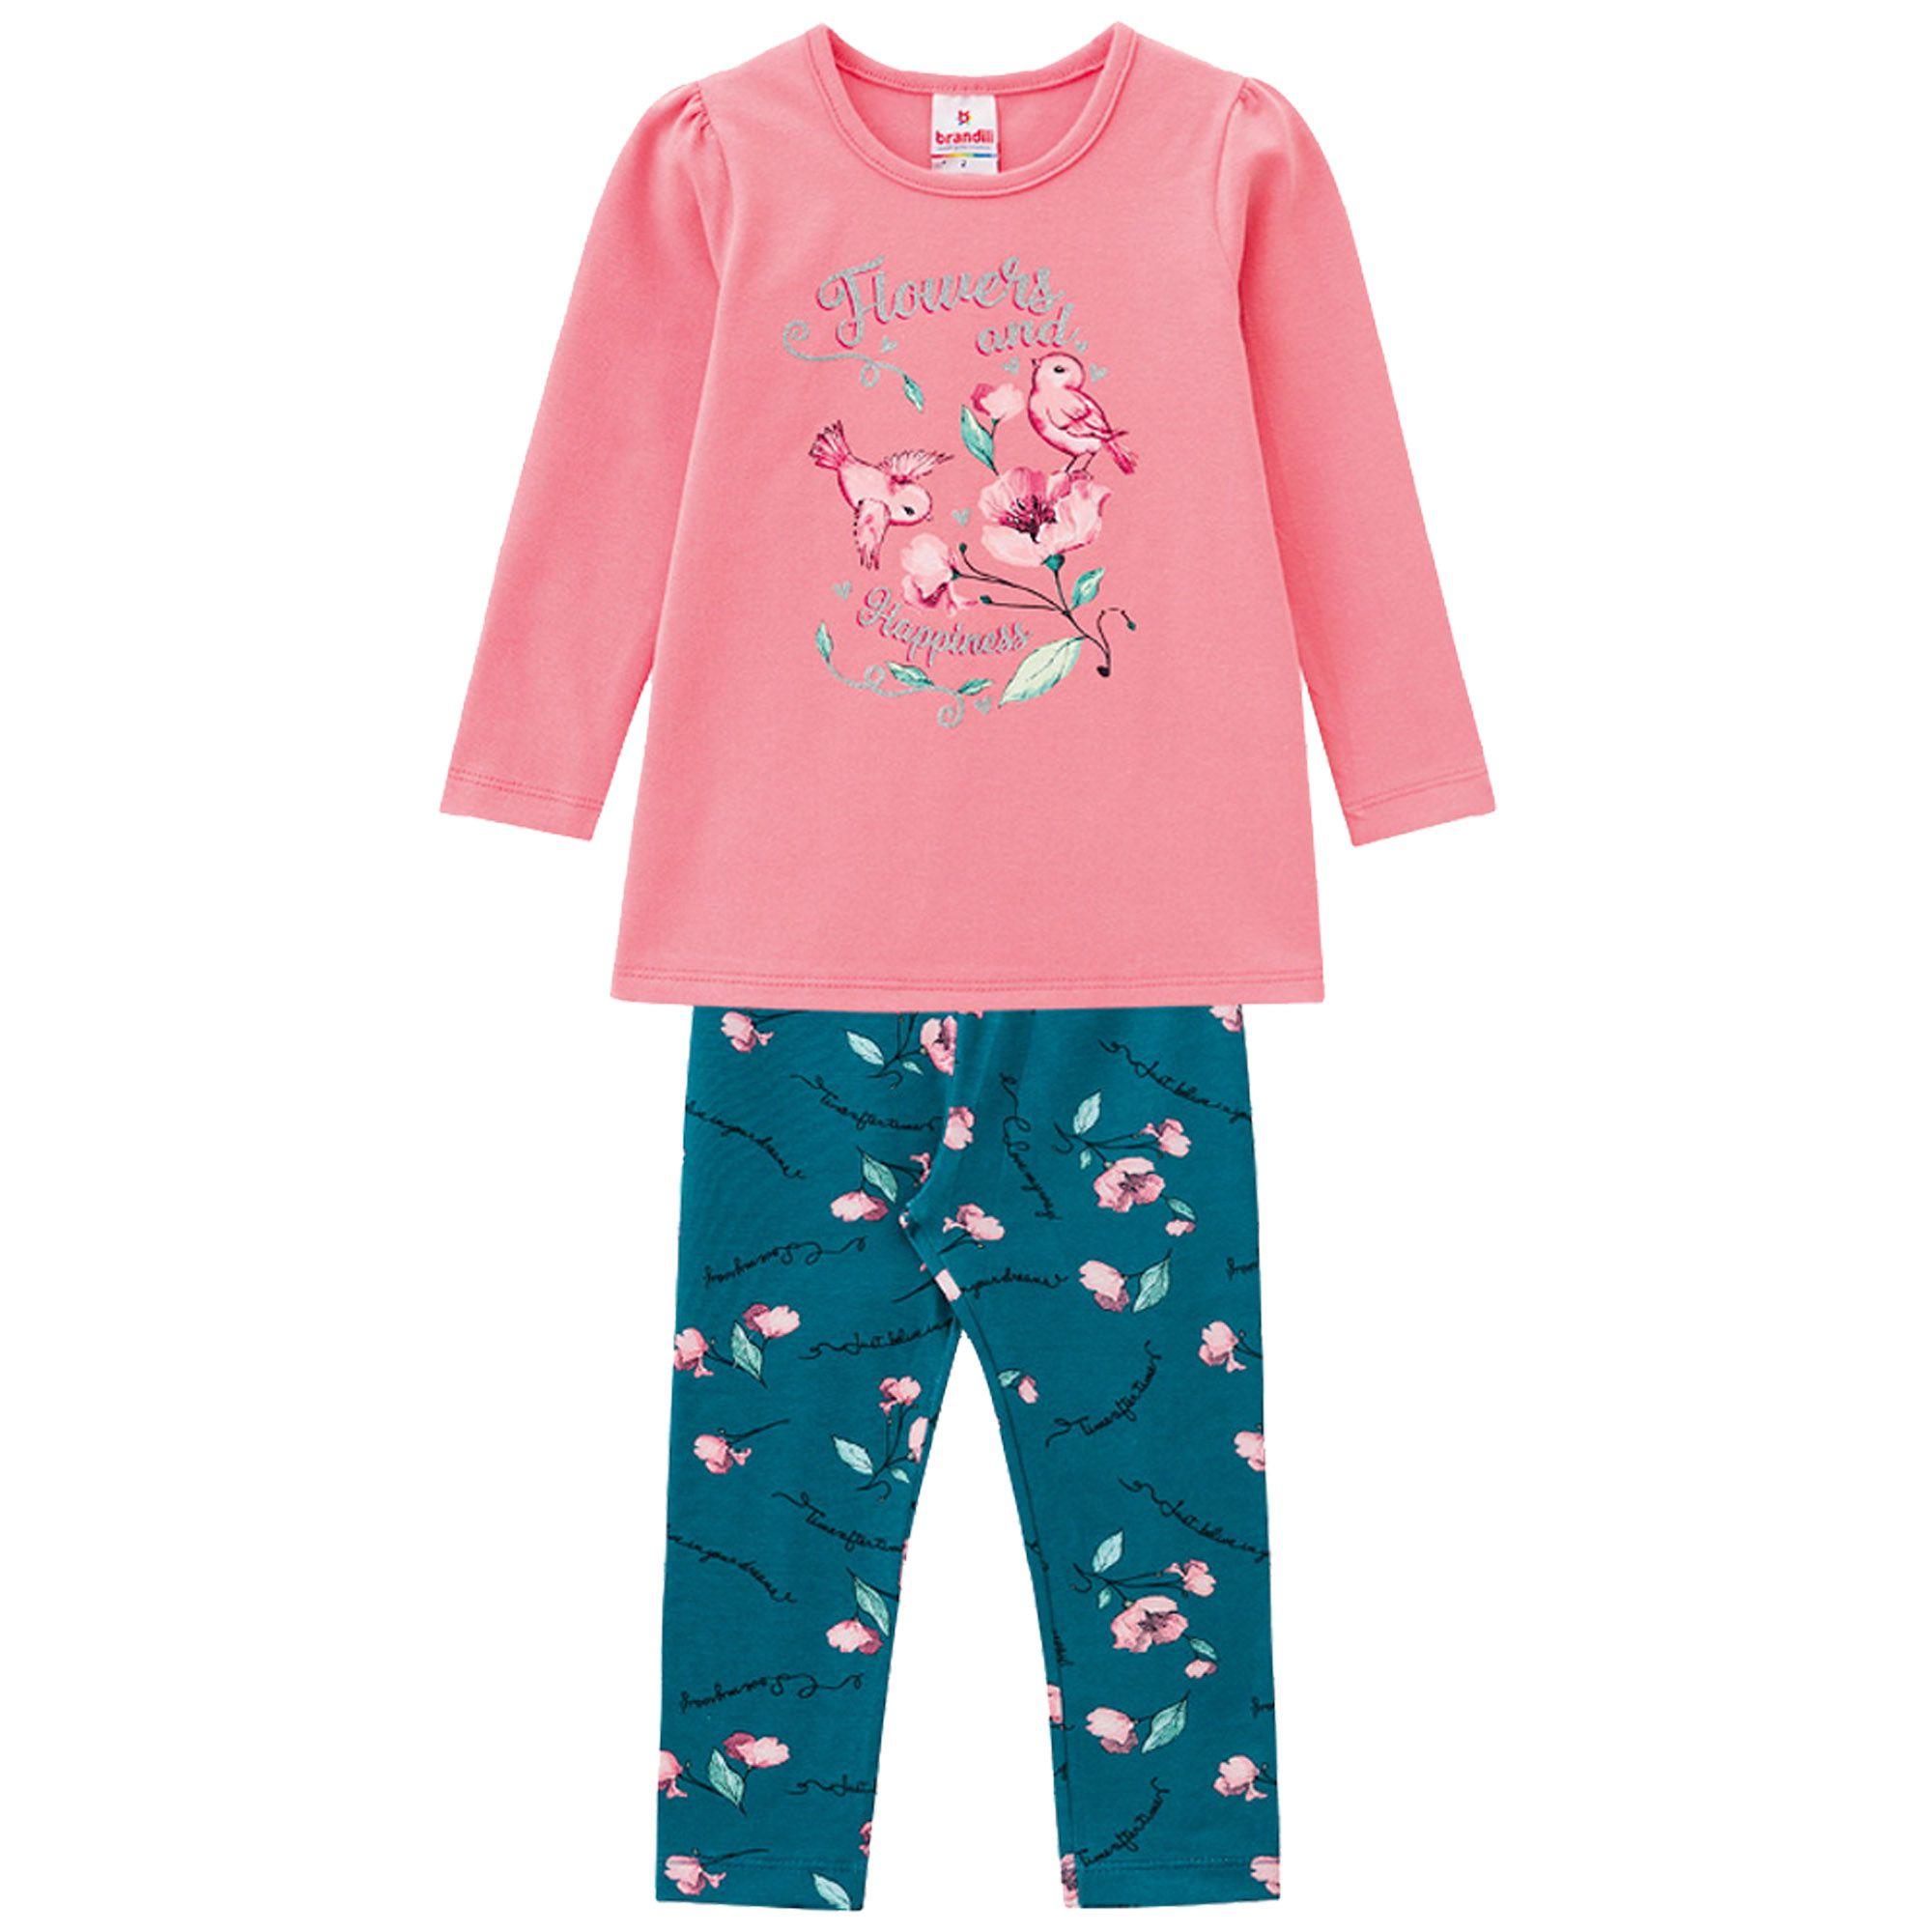 Conjunto Inverno Brandili Estampado Flowers and Happiness com Legging em cotton - 01 ao 03